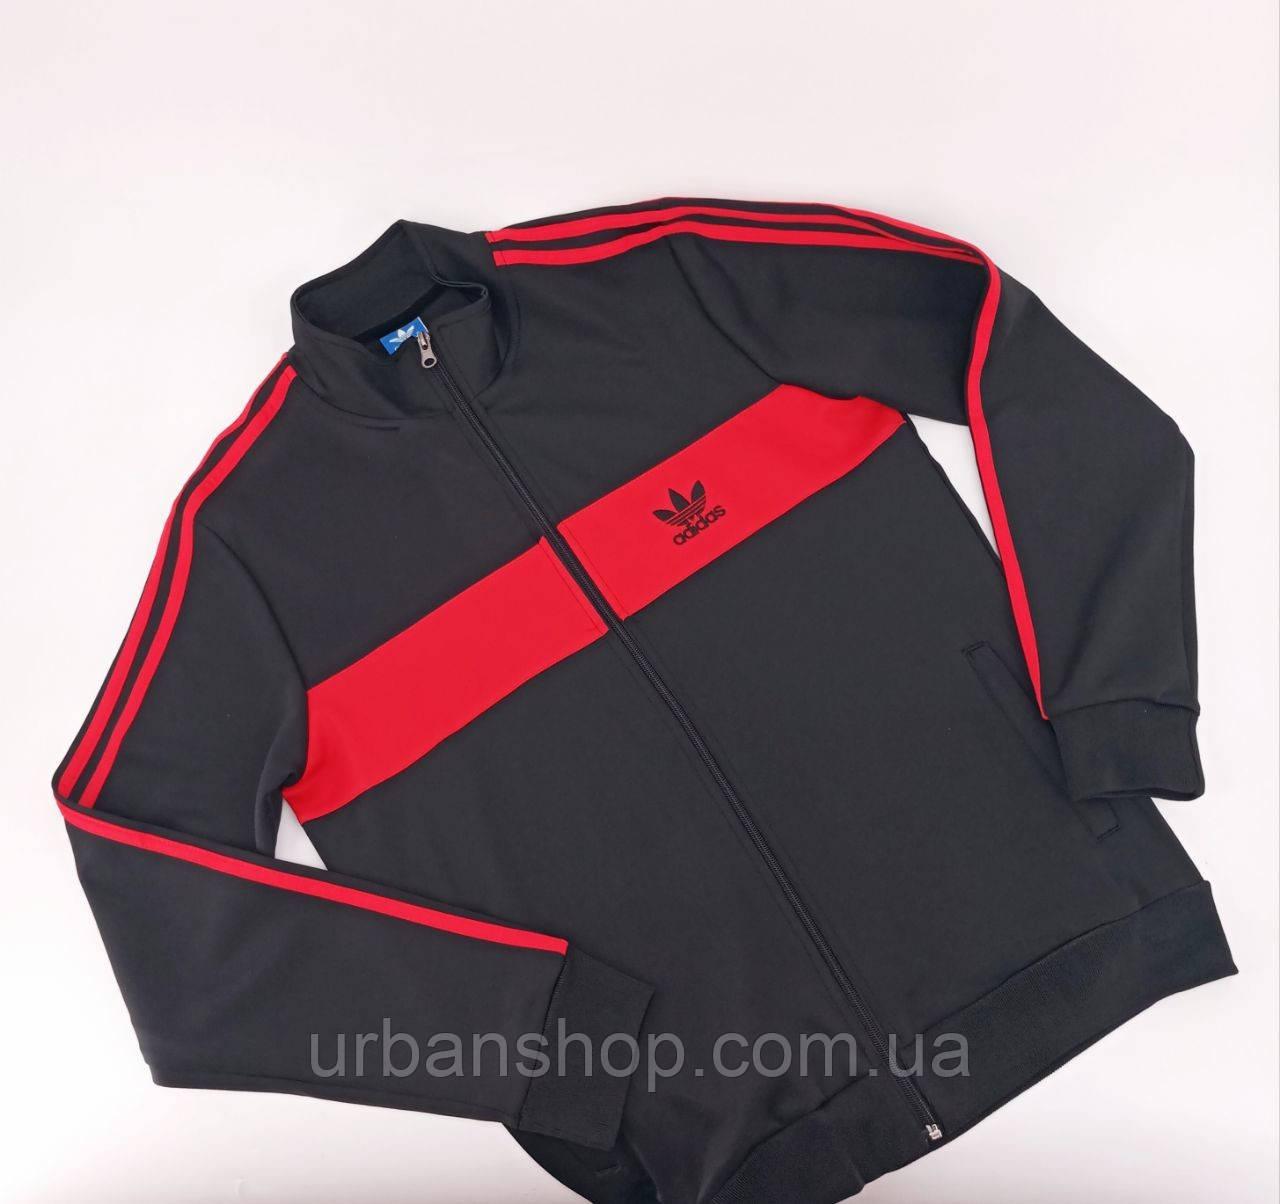 Олімпійка Adidas black / red